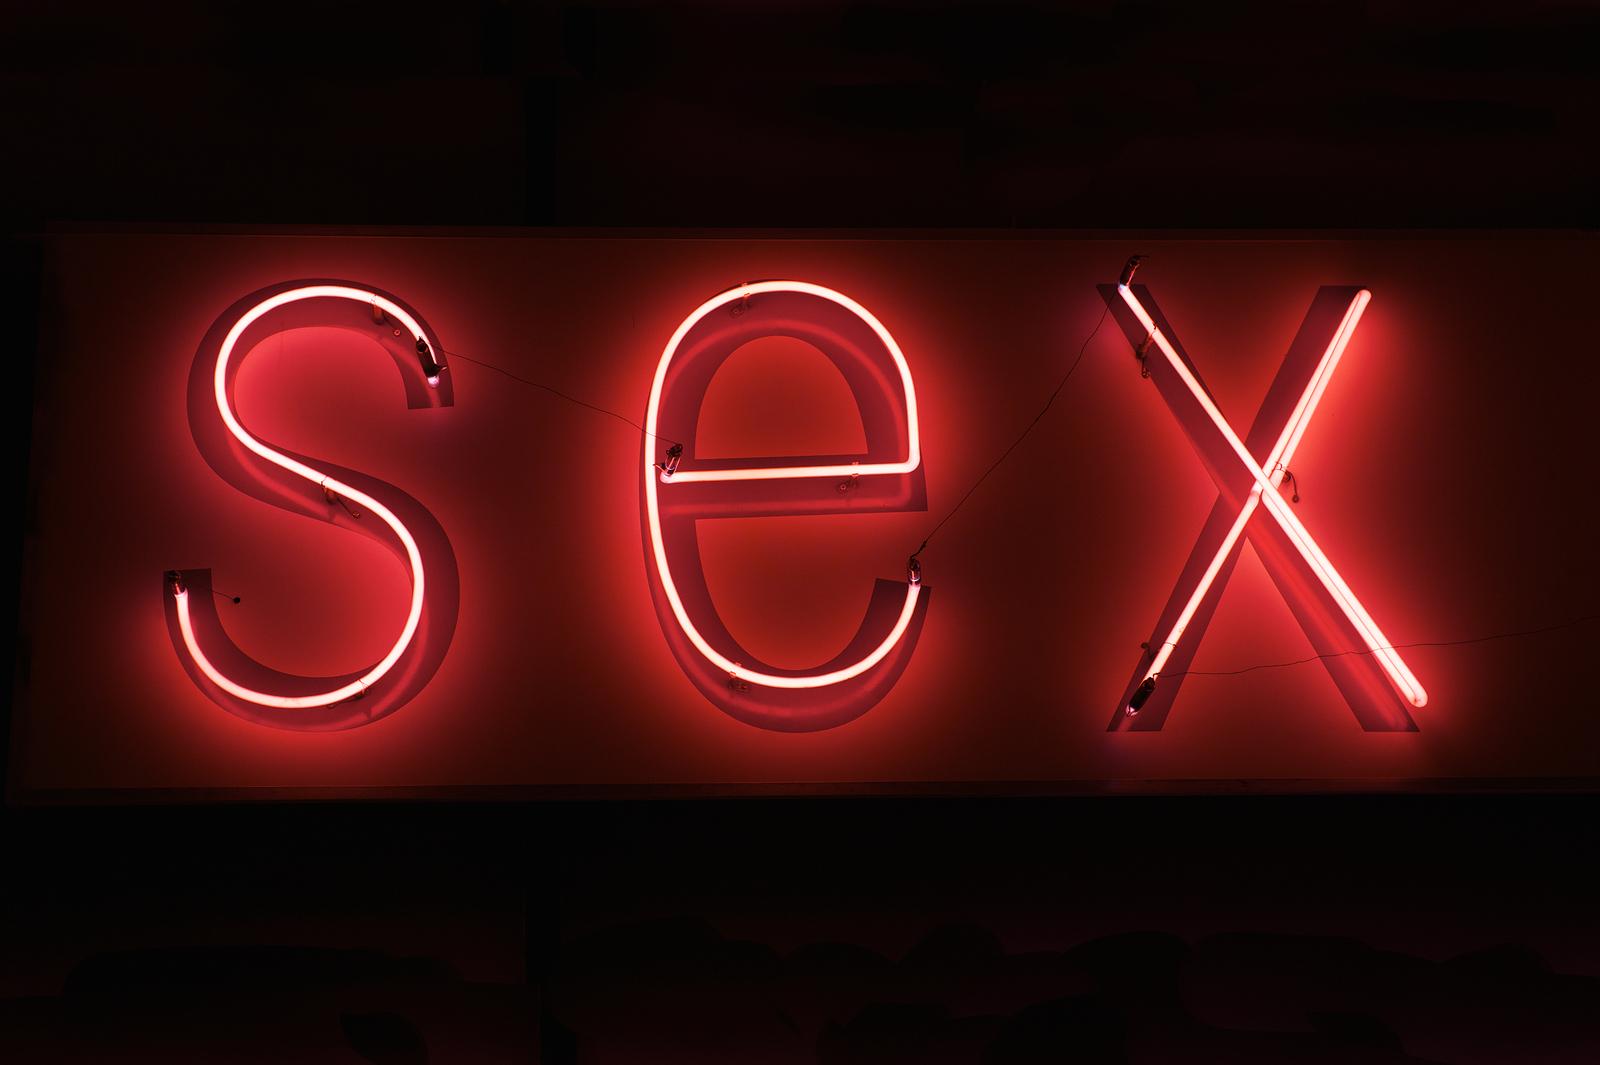 κόκκινο καυτό σεξ